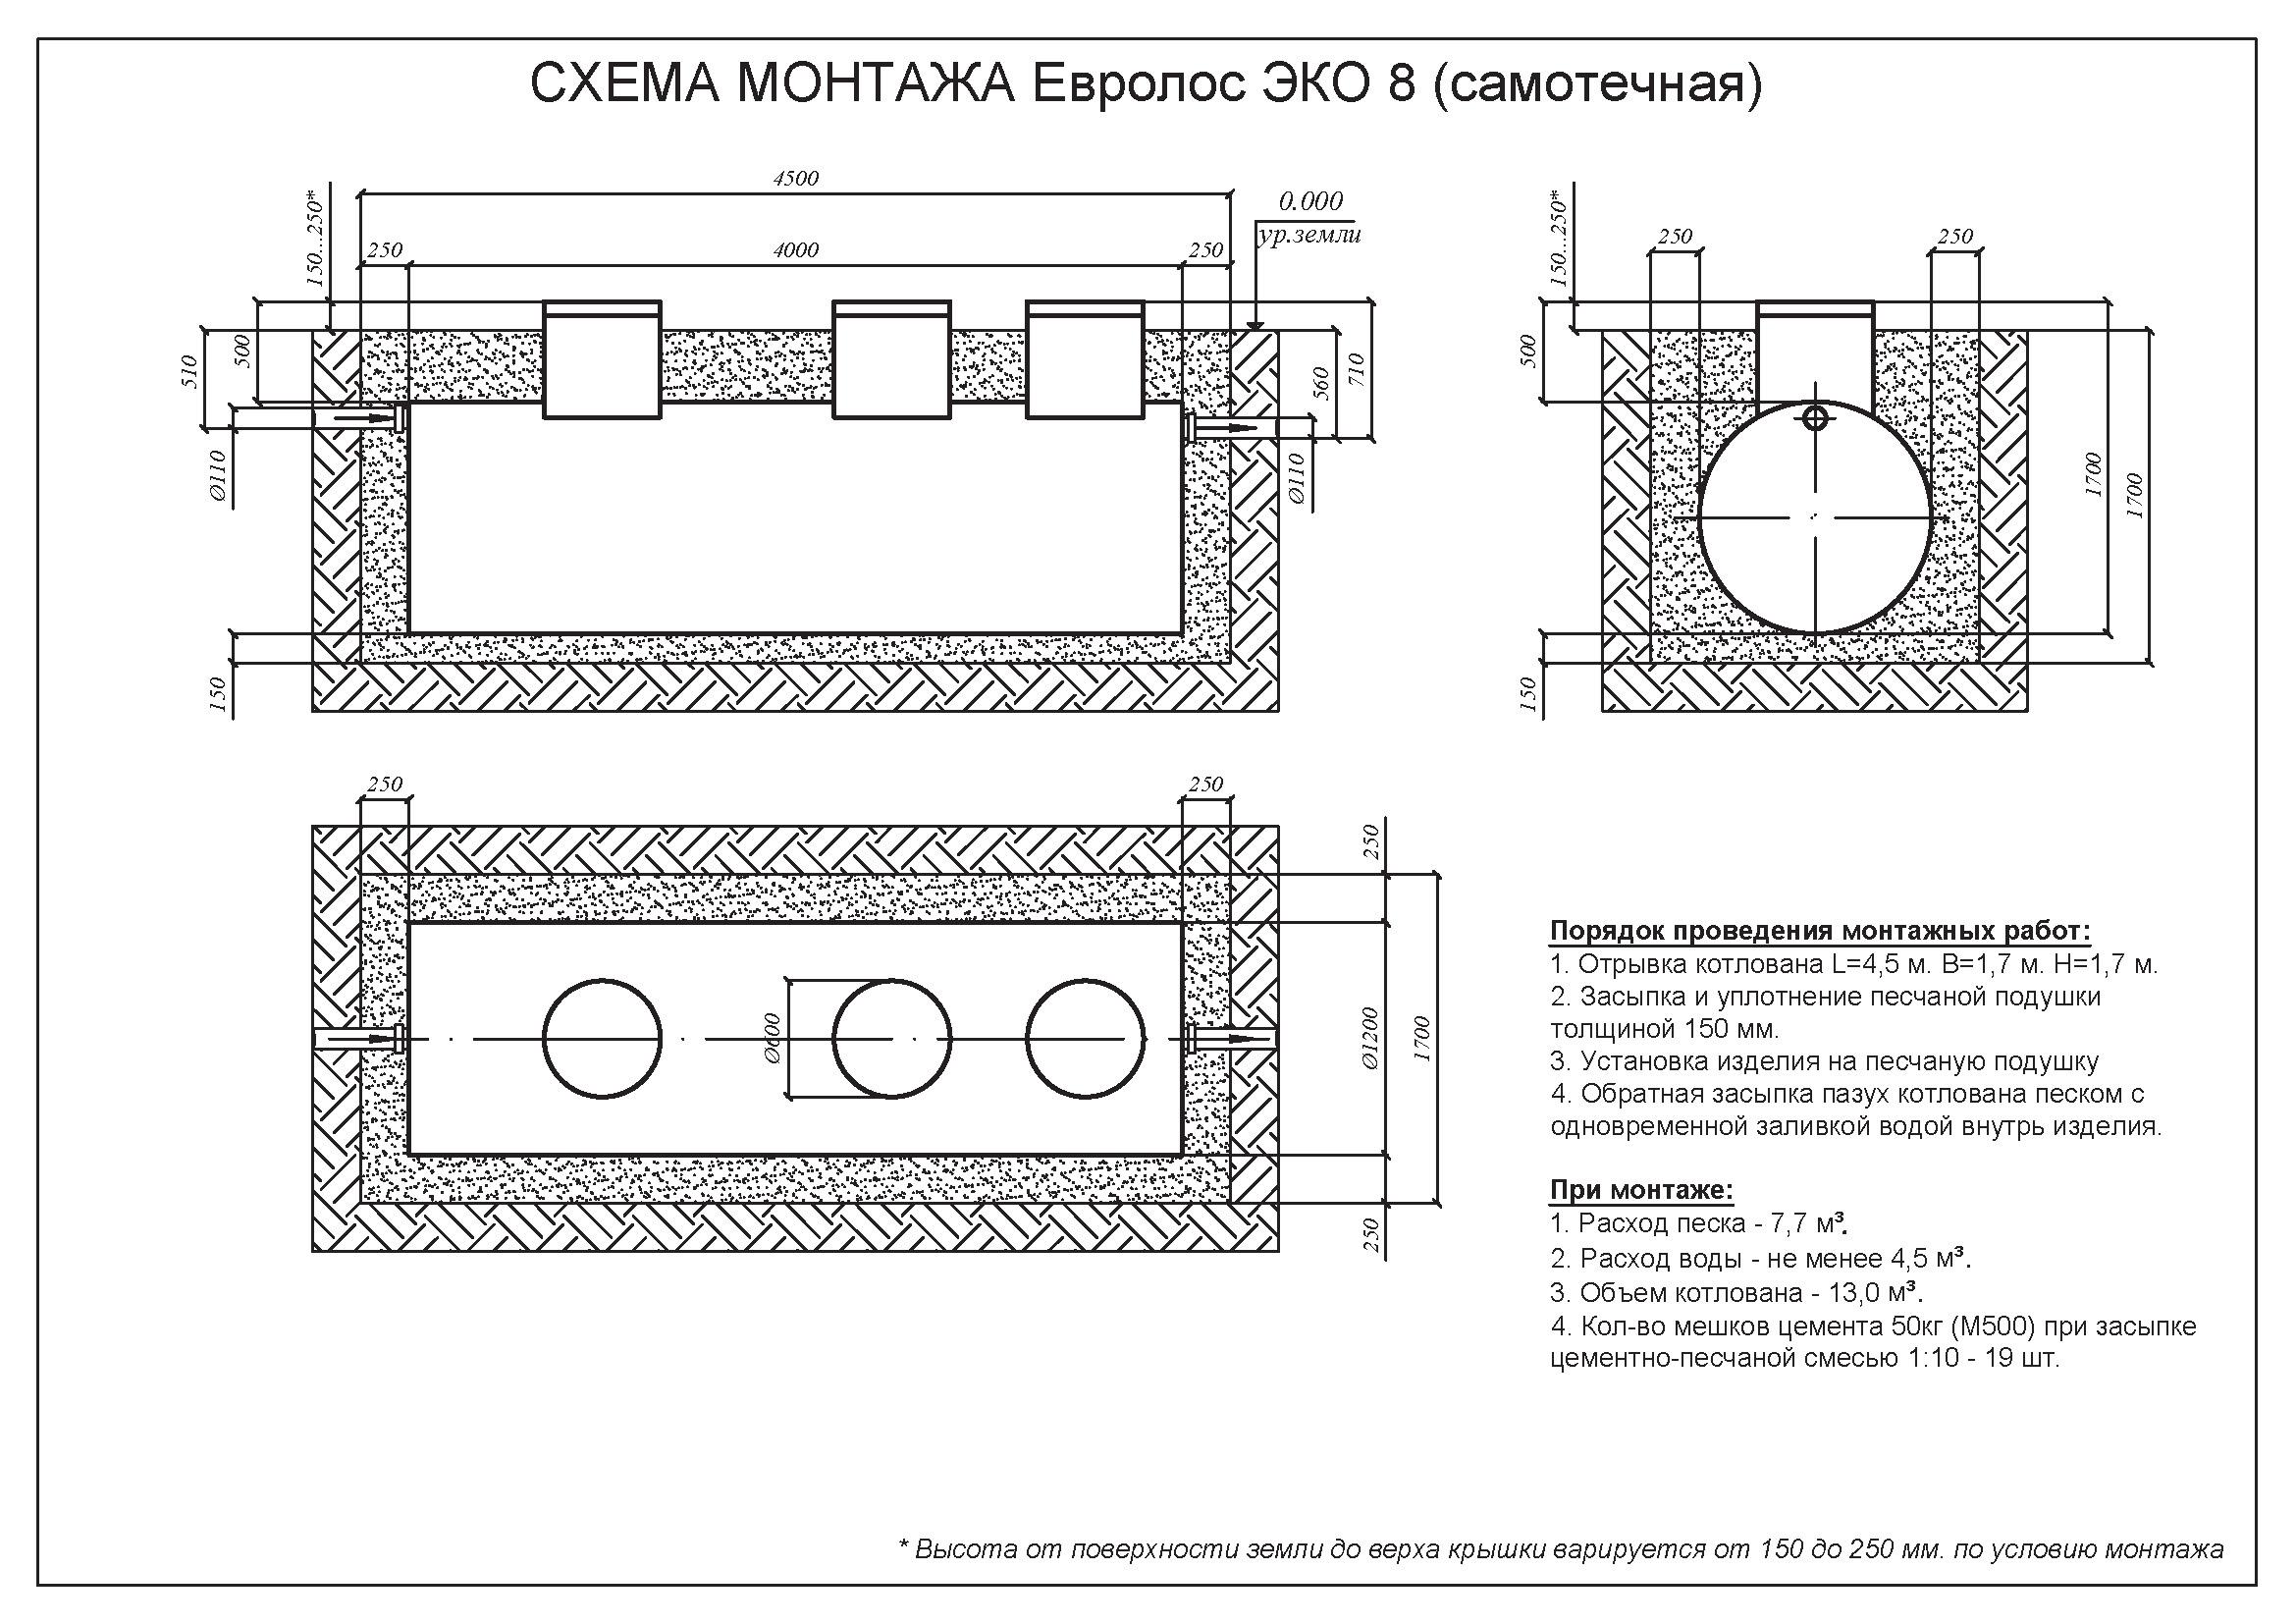 Монтажные схемы Евролос Эко_Страница_5